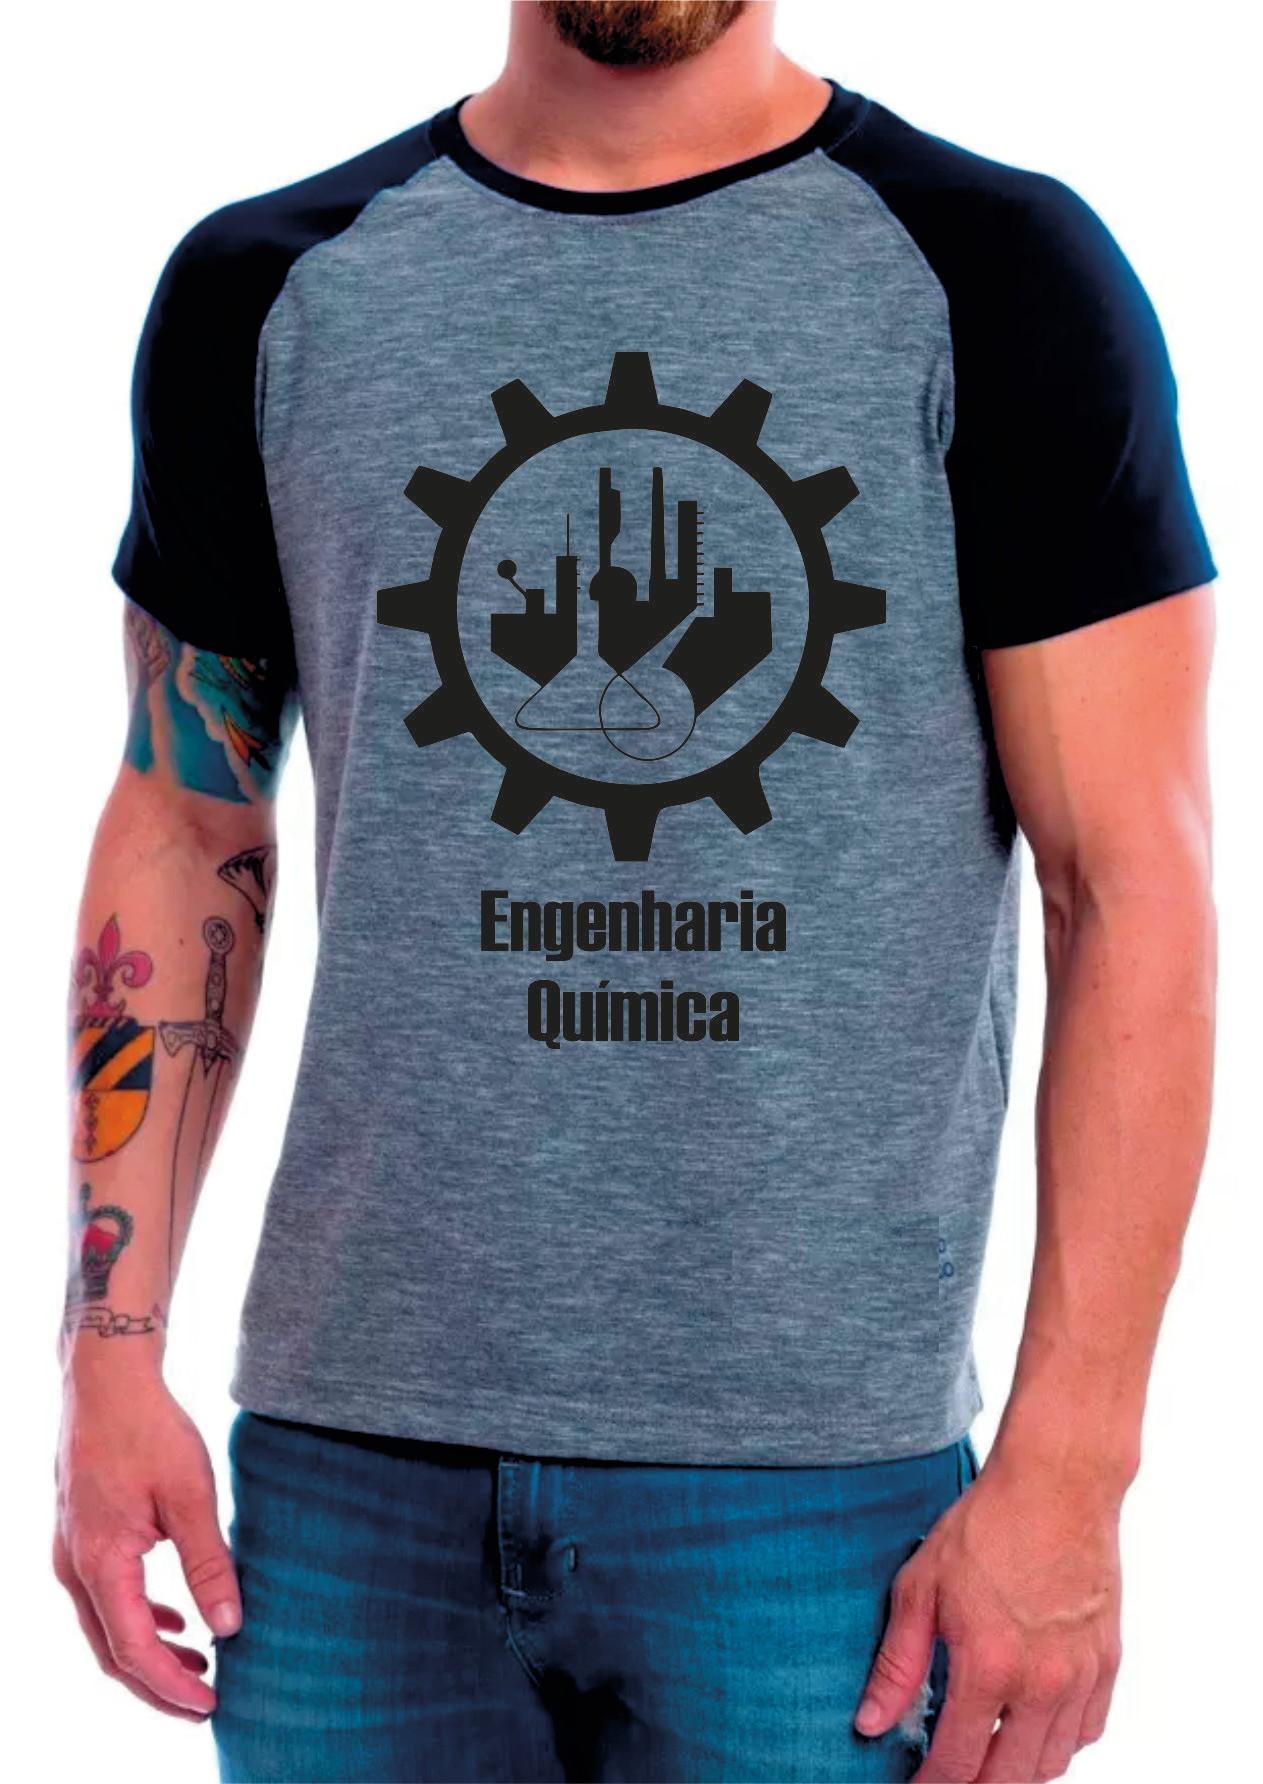 7287b3747 Camisa Masculina Eng Quimico